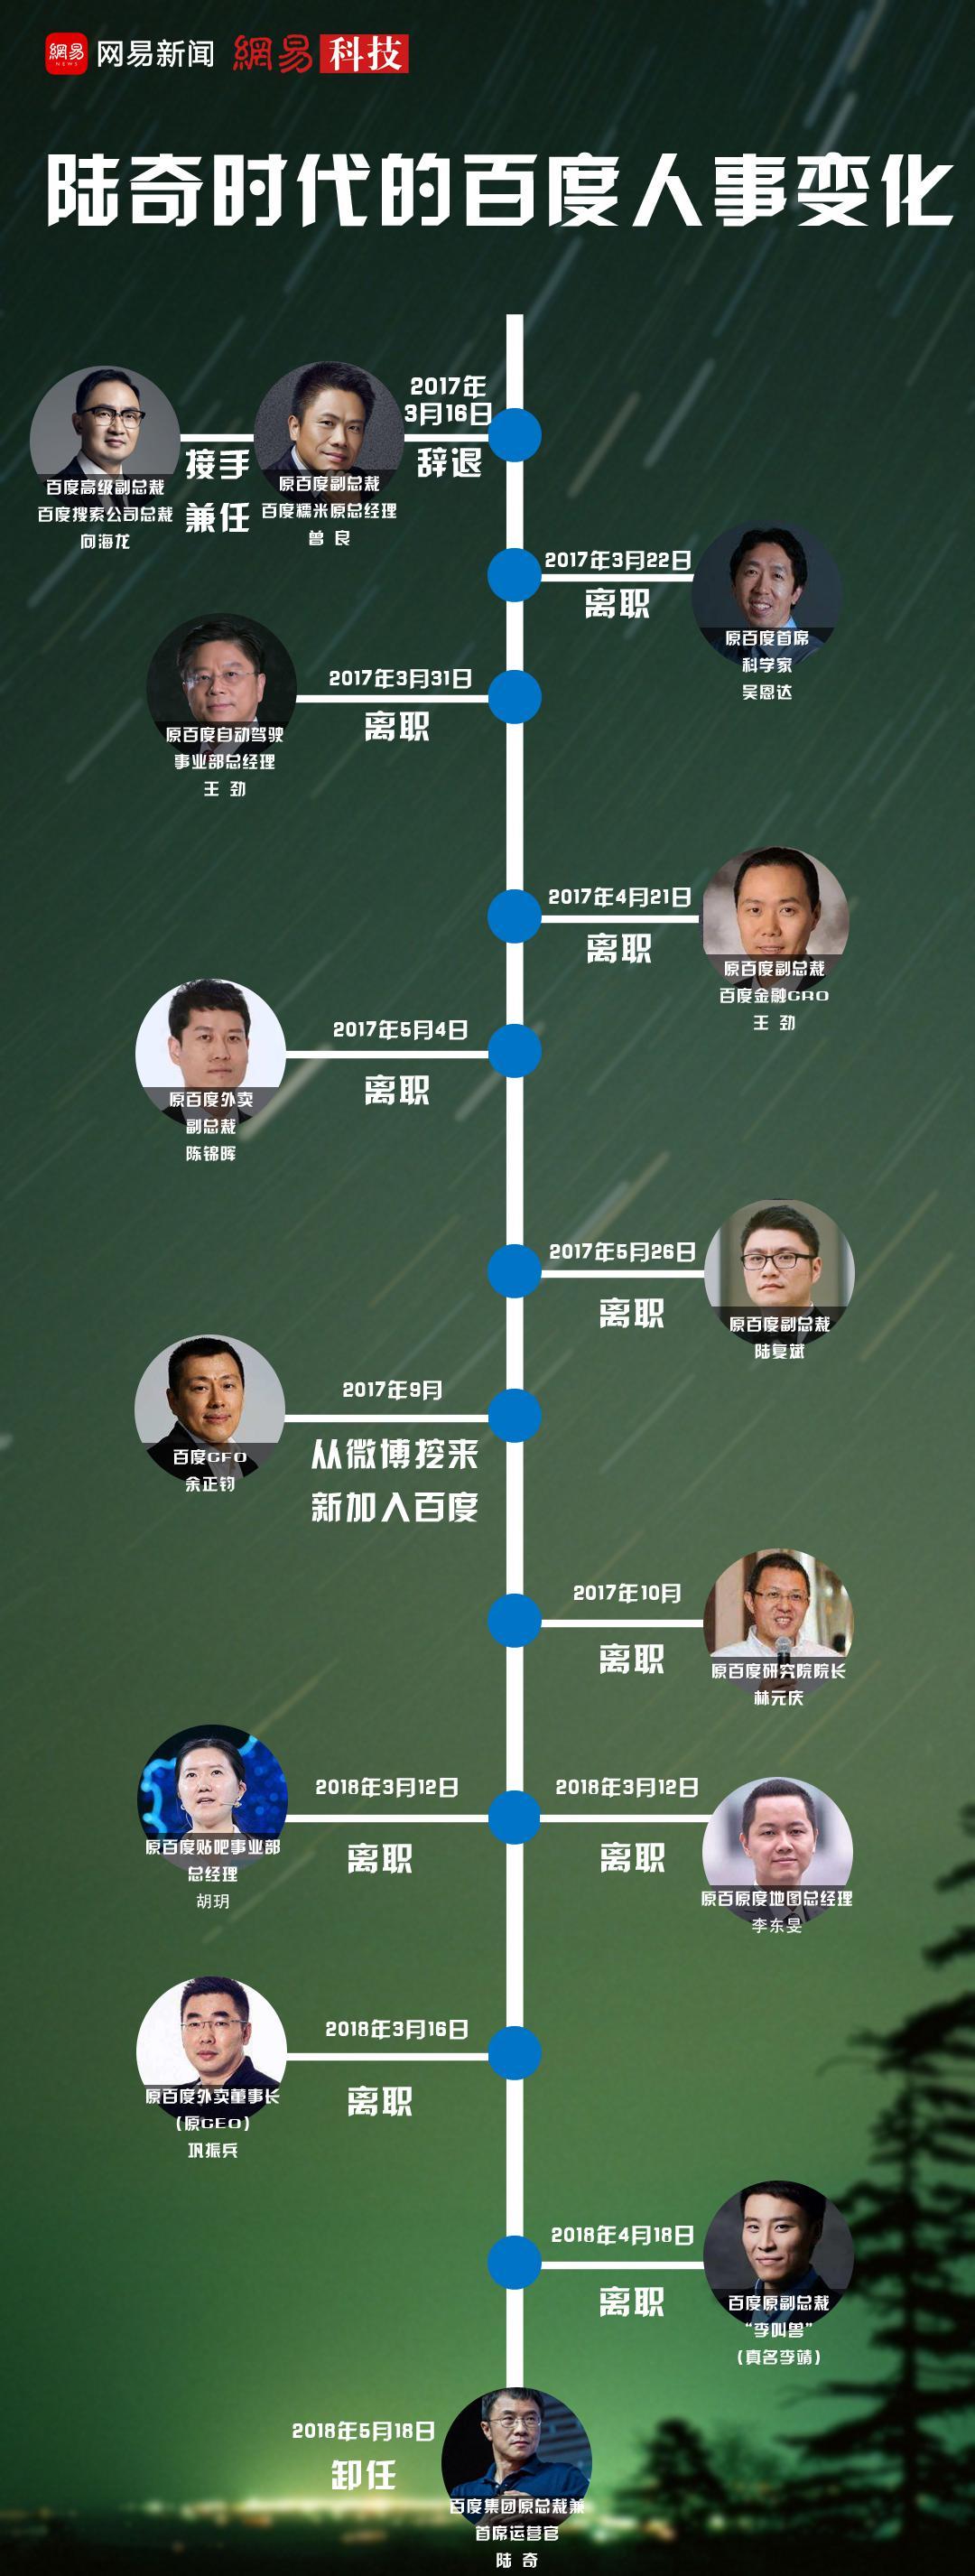 传闻陆奇将于上市前加入公司,小米回应:谣言